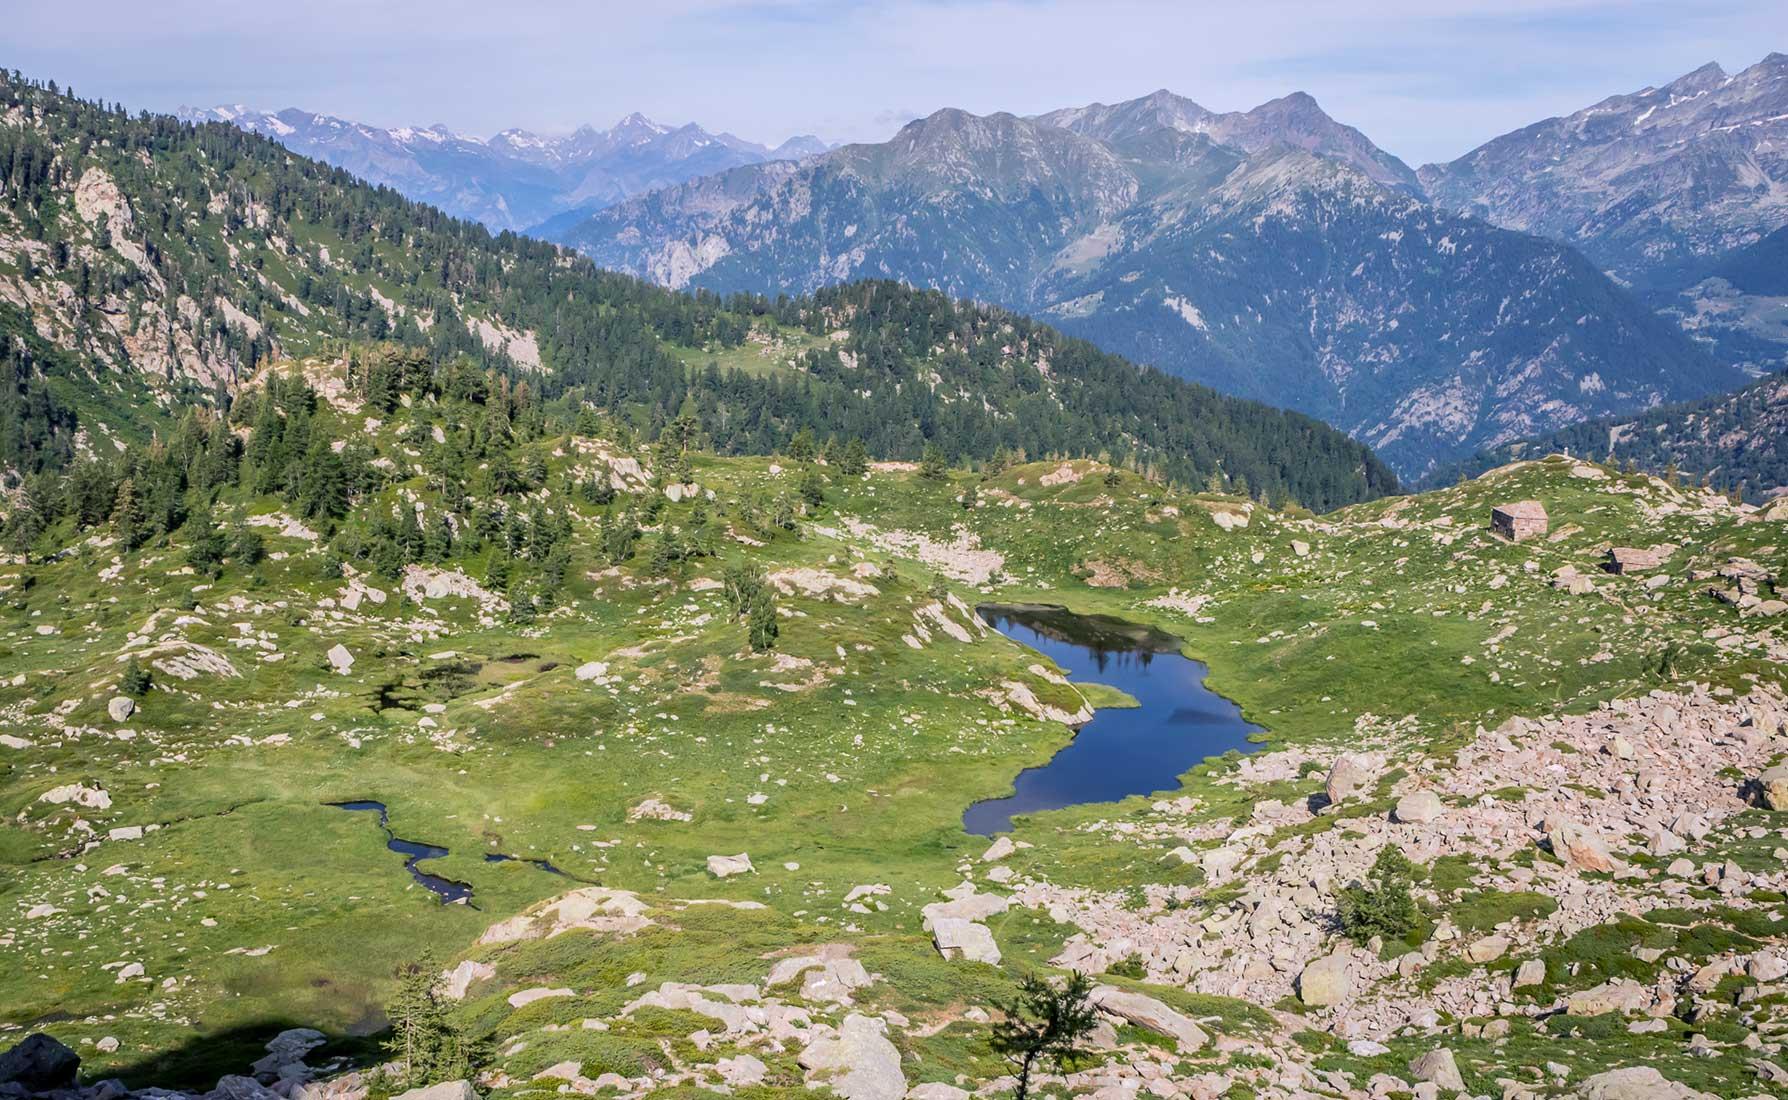 Il Lago Lei Long Superiore a 1925 metri di altitudine